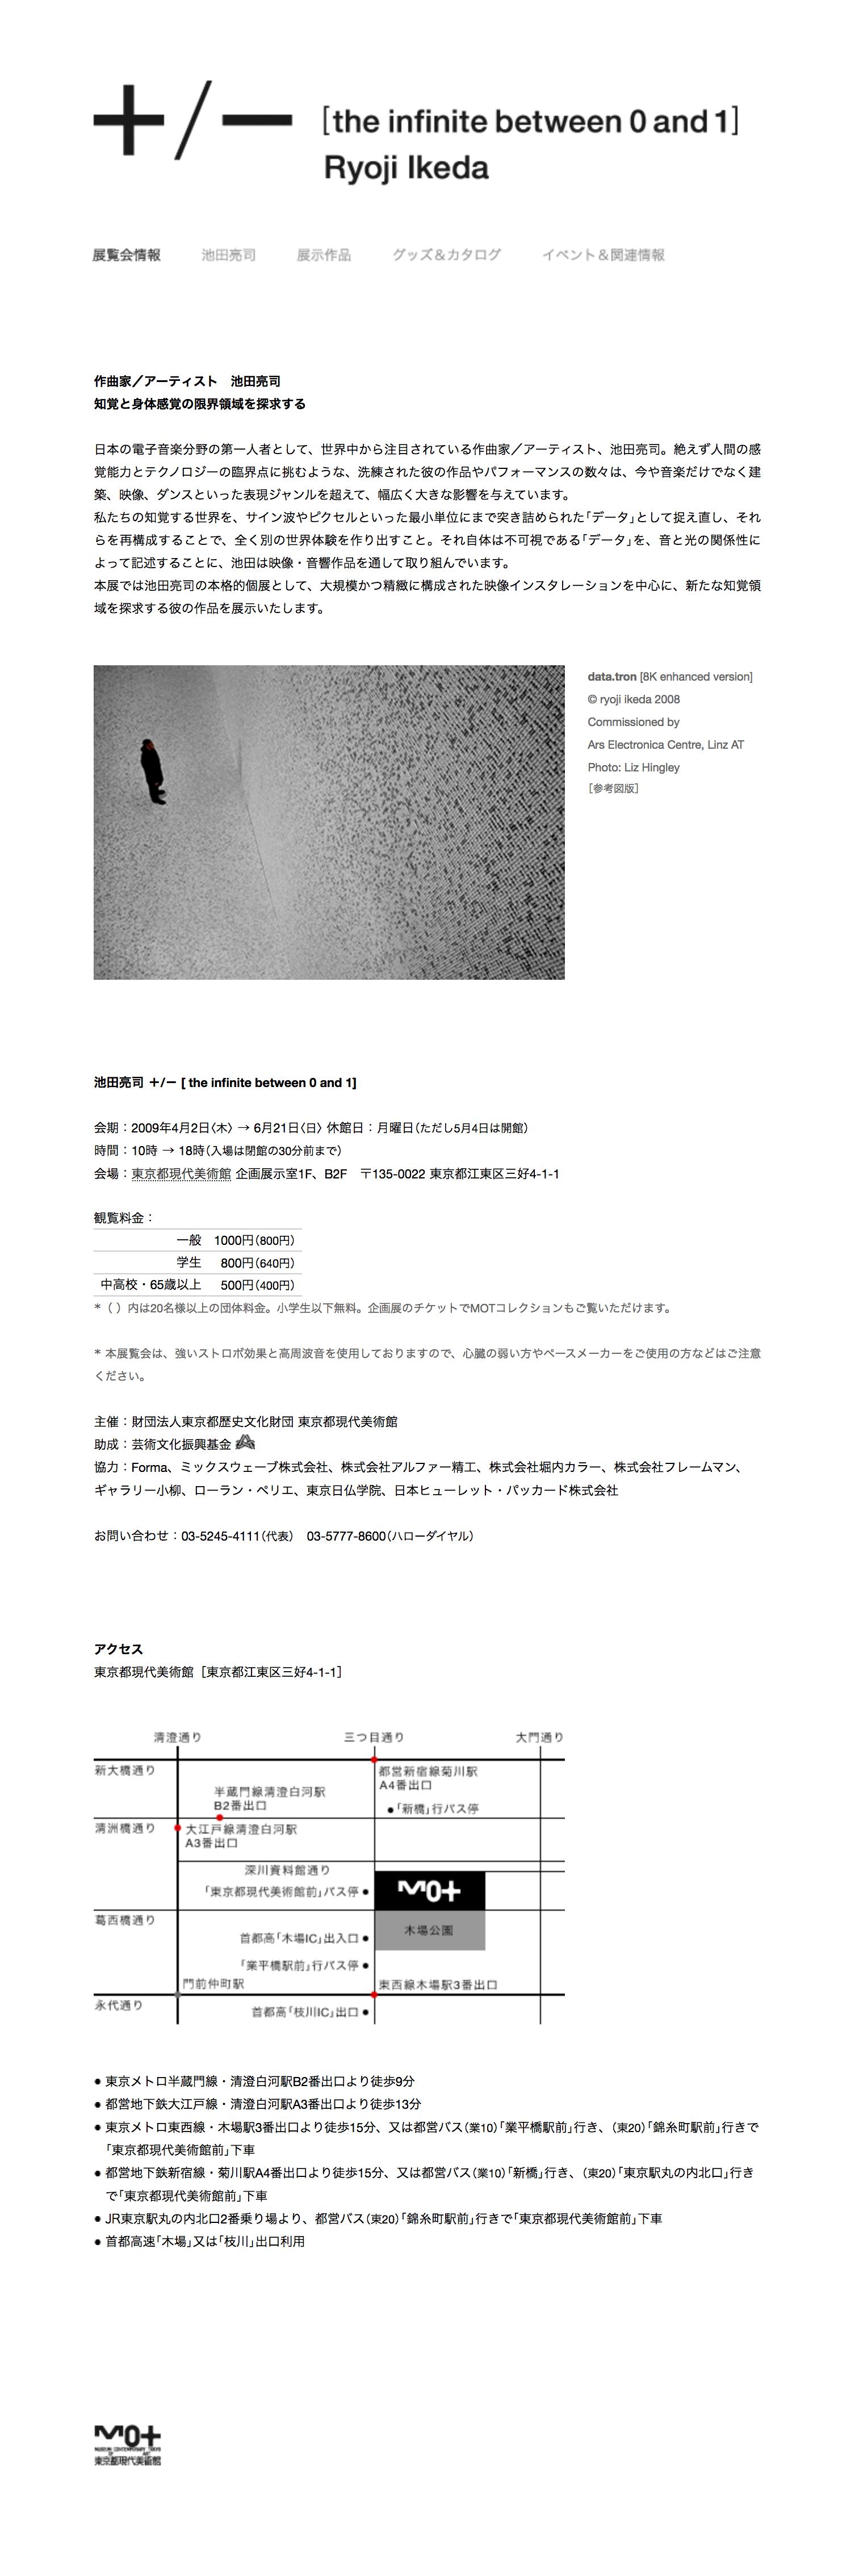 mot-art-museum-ryojiikeda